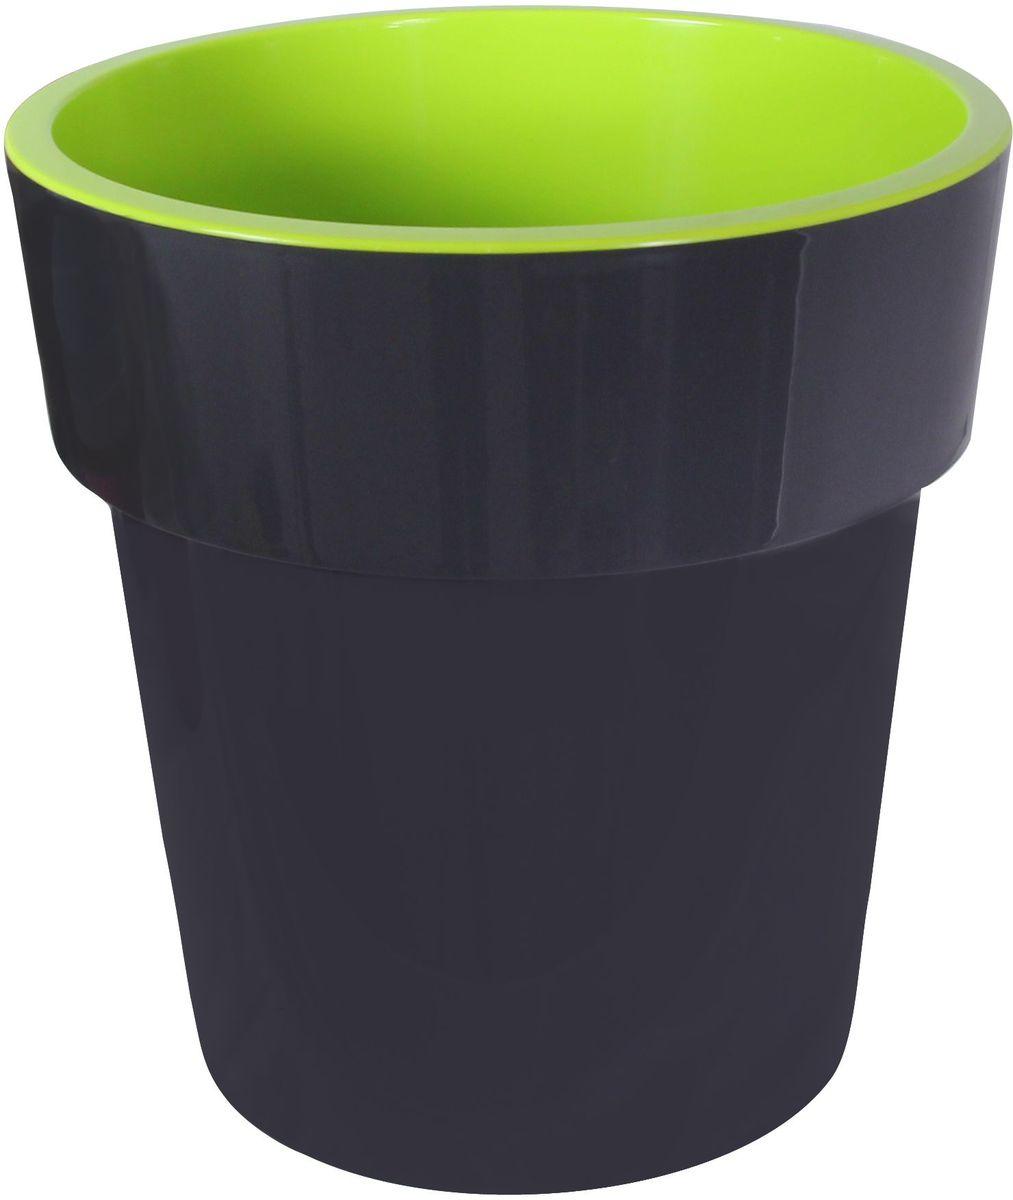 Кашпо Idea Тубус, цвет: графитовый, диаметр 20 смМ 3165